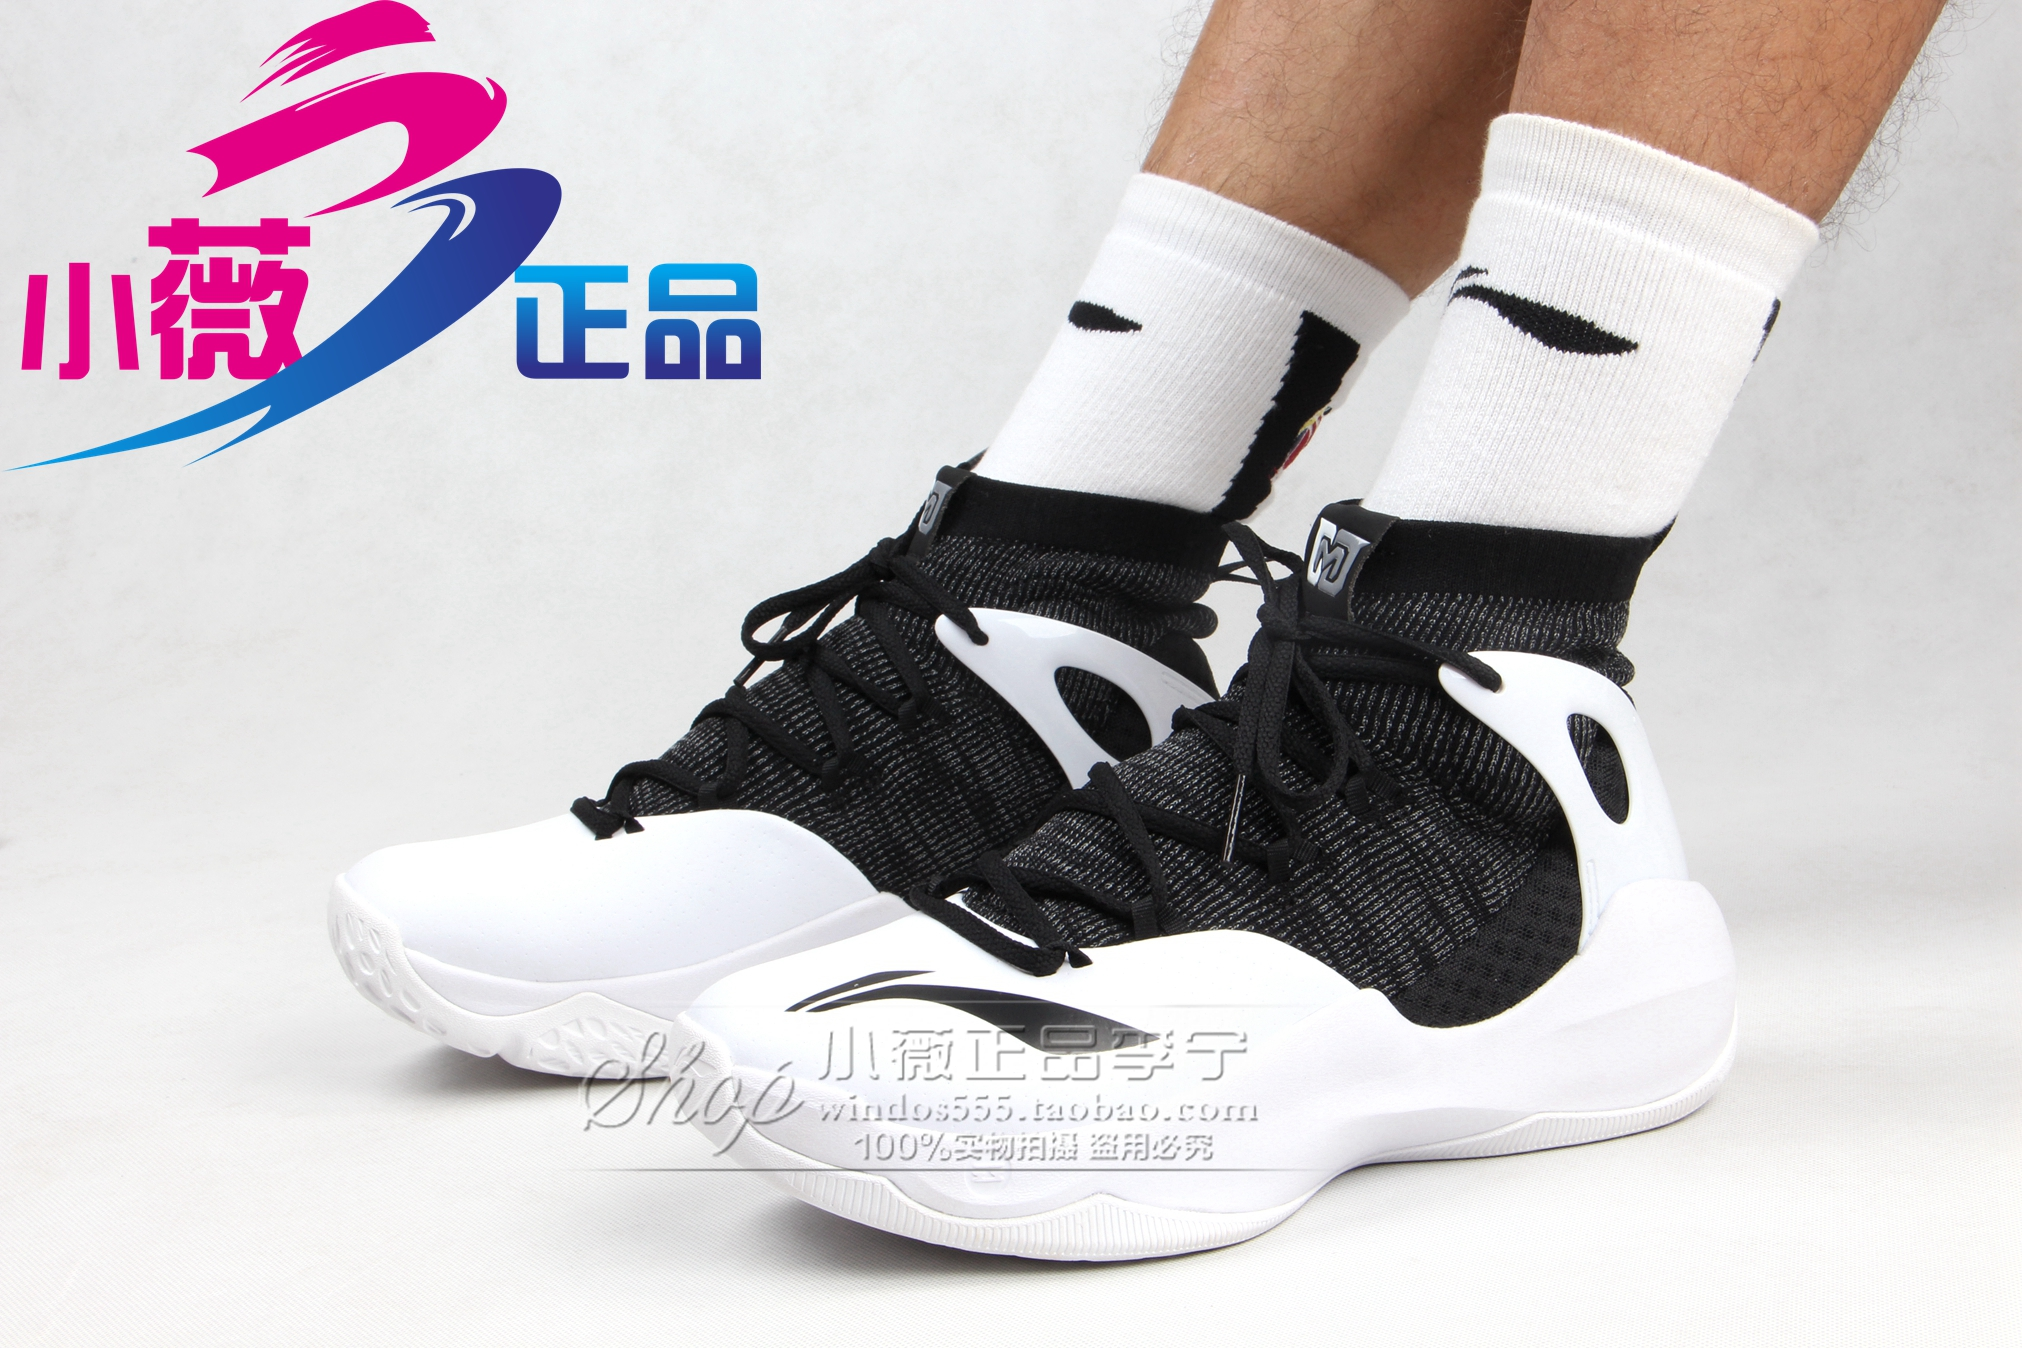 正品李宁音速6vl篮球鞋V2高帮男子冬季耐磨战靴专业比赛鞋ABAN027